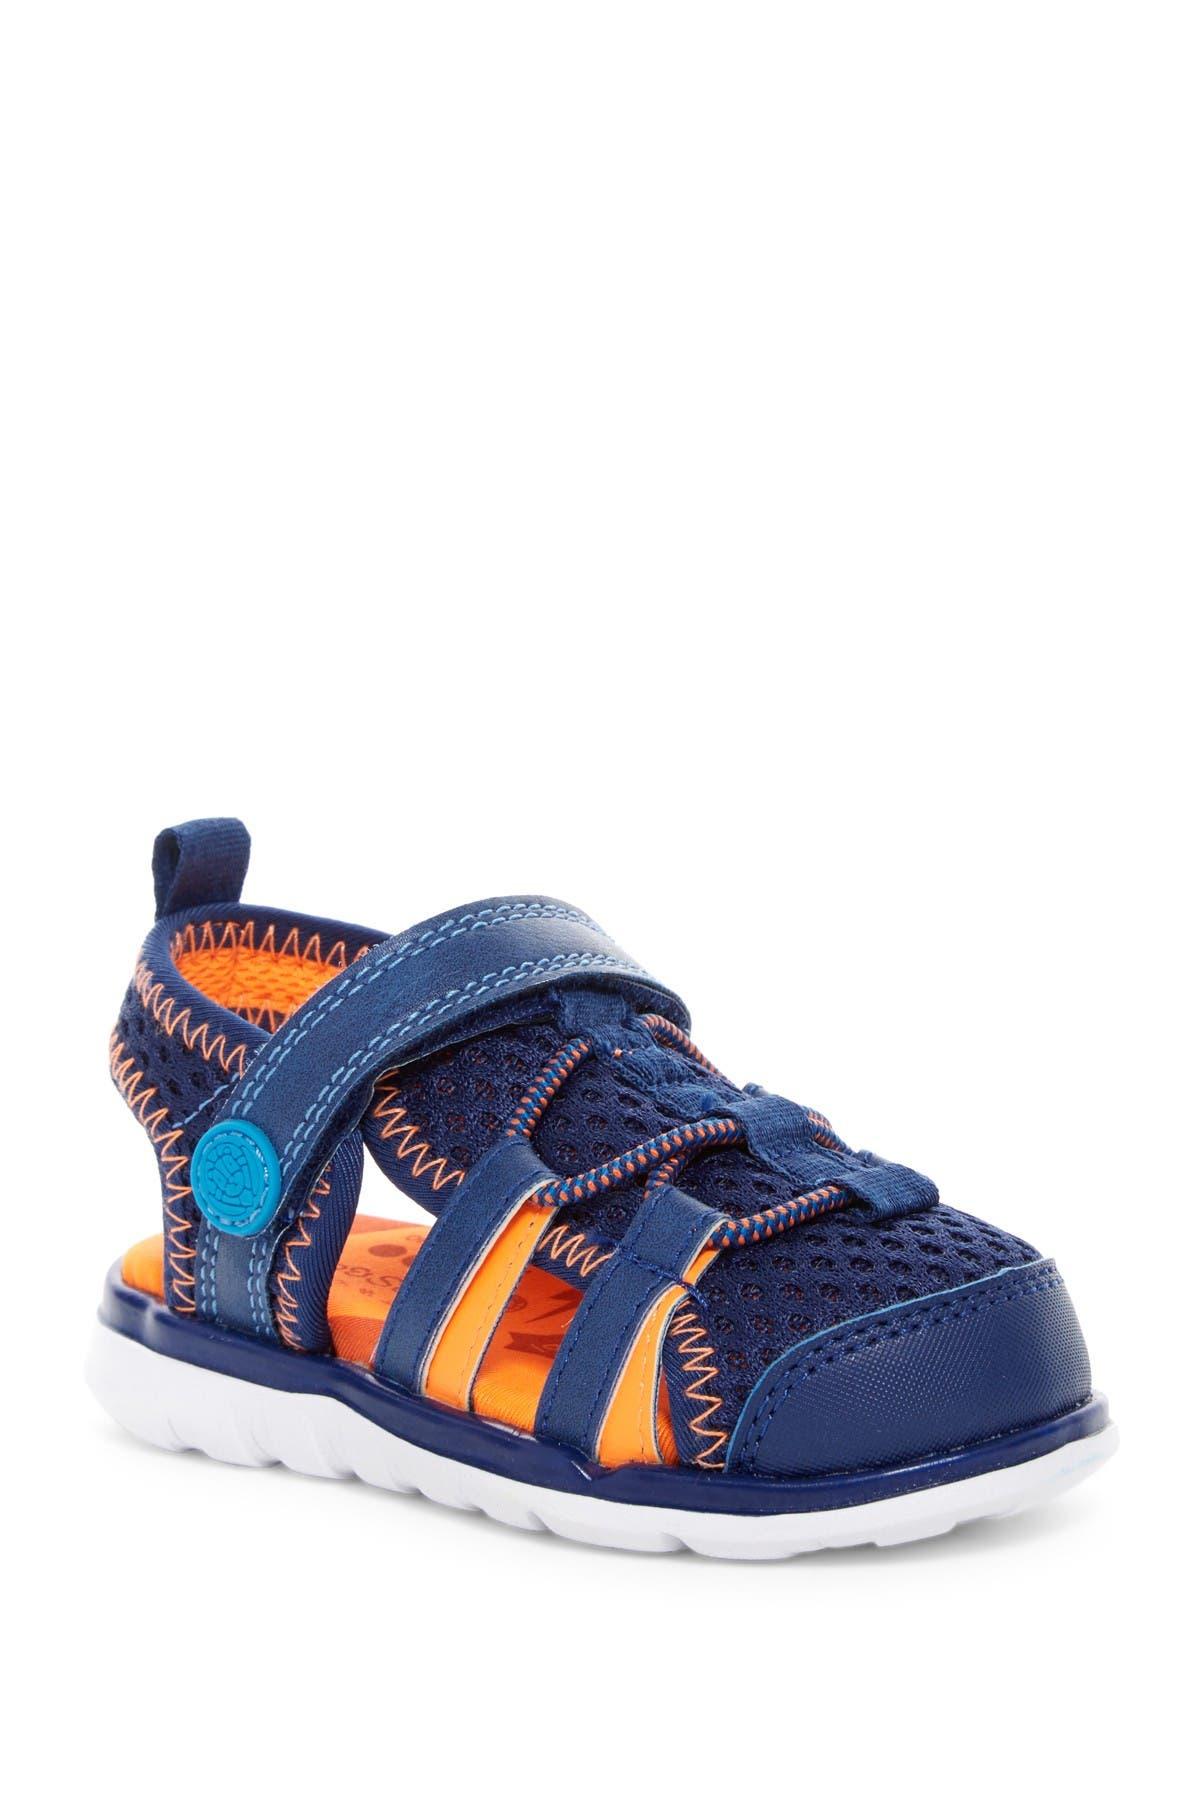 Image of Step & Stride Westside Sandal